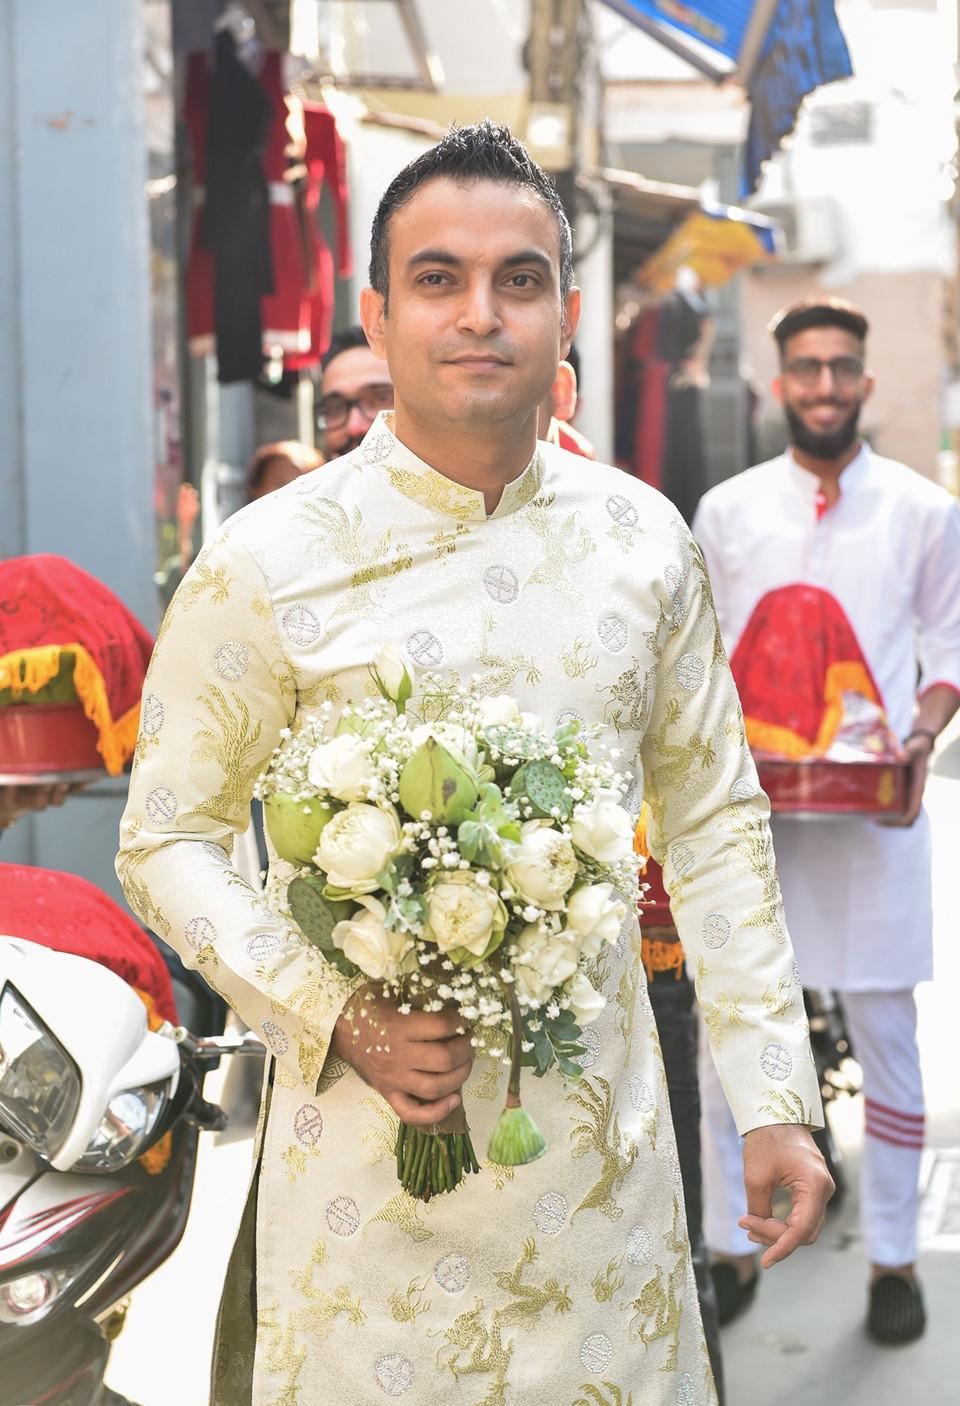 'Lóa mắt' nhìn Võ Hạ Trâm đeo vàng nặng trĩu trong hôn lễ cùng chồng doanh nhân Ấn Độ - Ảnh 9